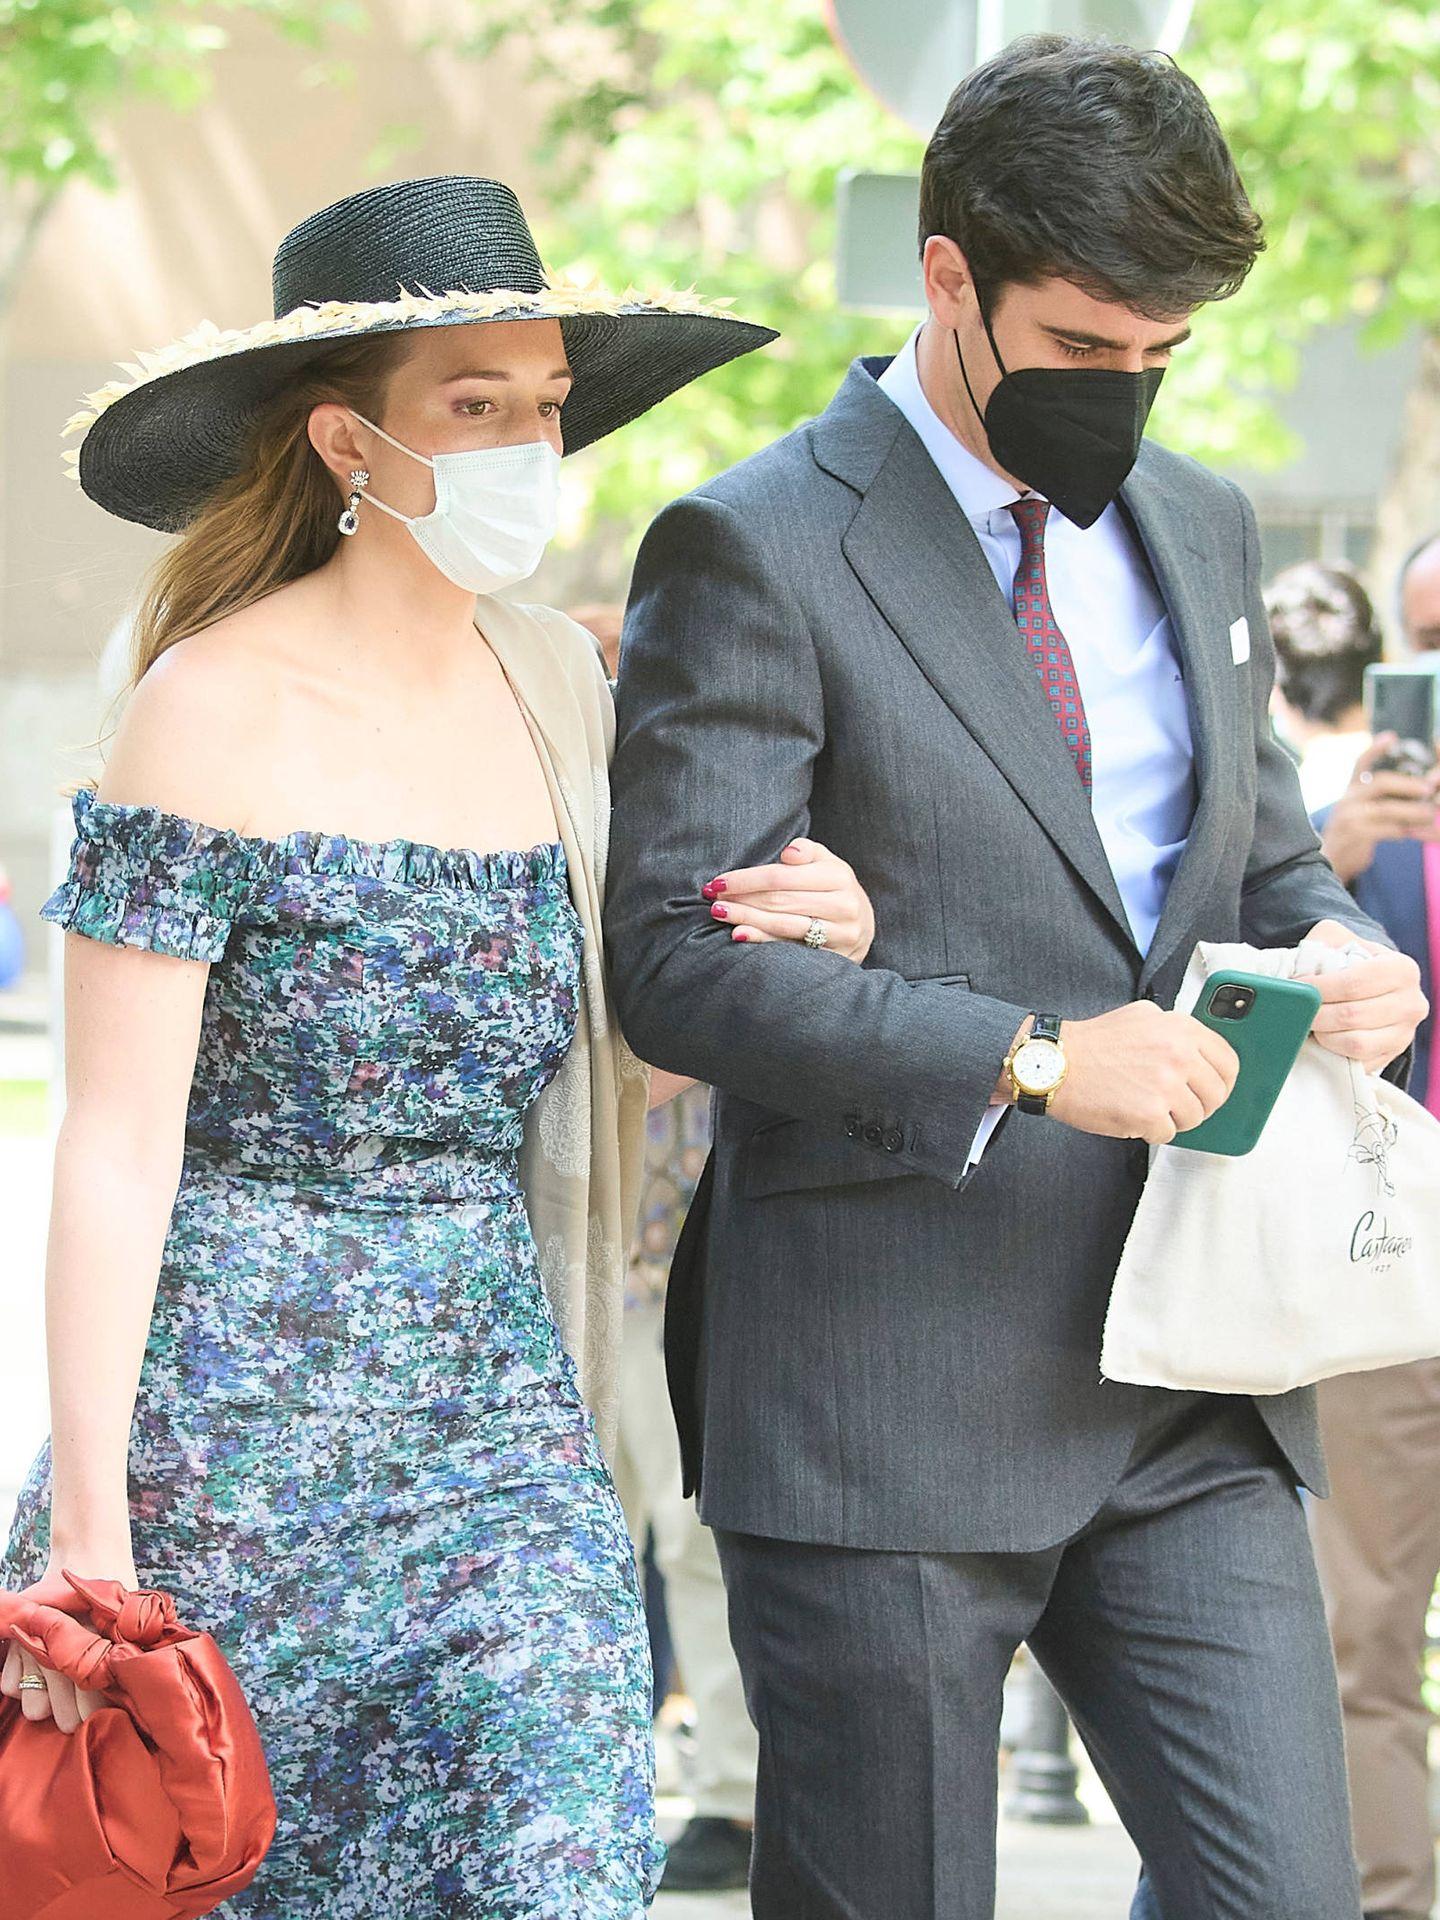 Inés Pérez-Pla, íntima amiga de la novia, y su futuro marido en la boda de los condes de Osorno. (LP)